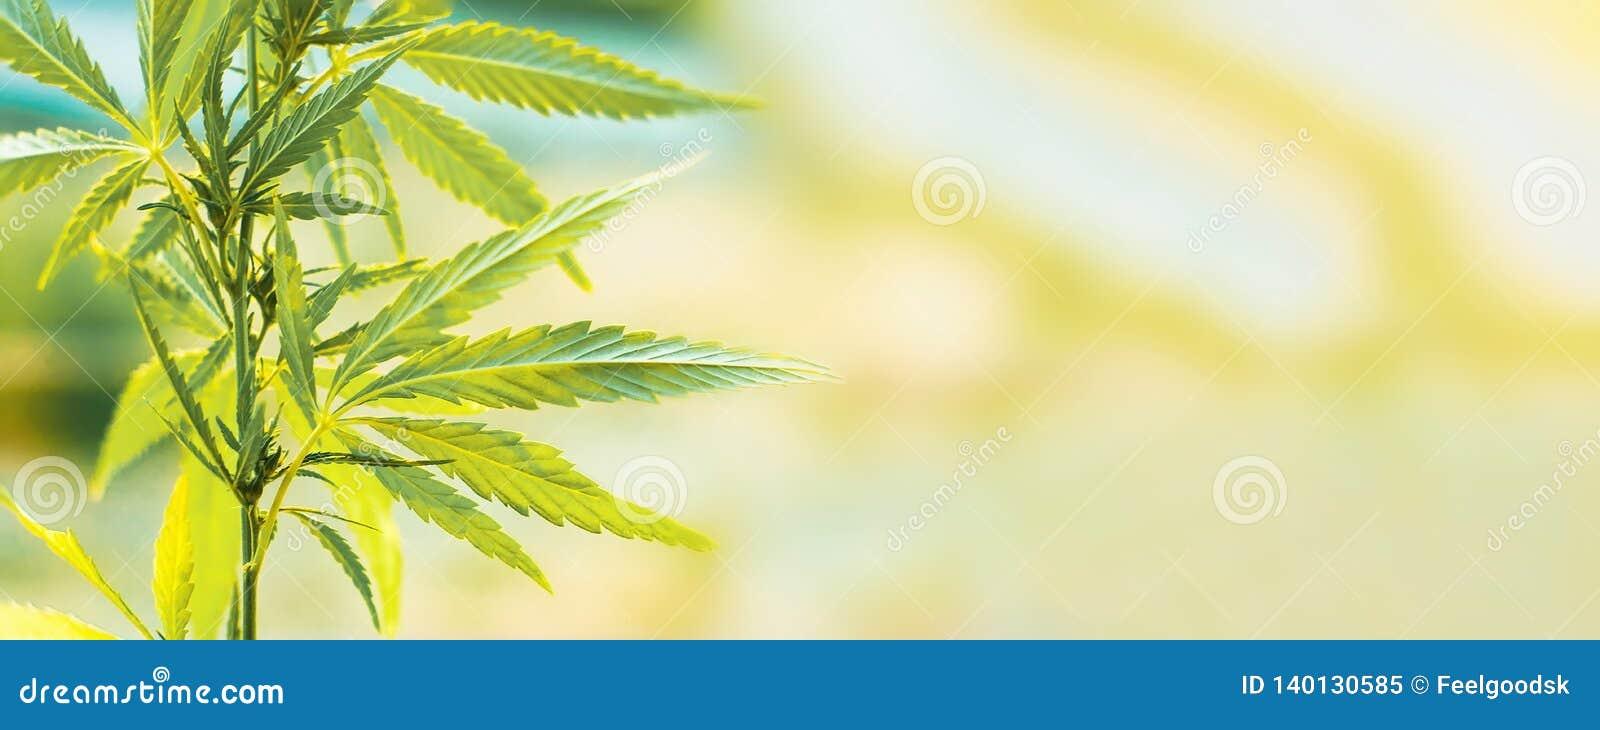 Cannabisreklamfilm att växa Begrepp av växt- alternativ medicin, CBD-olja